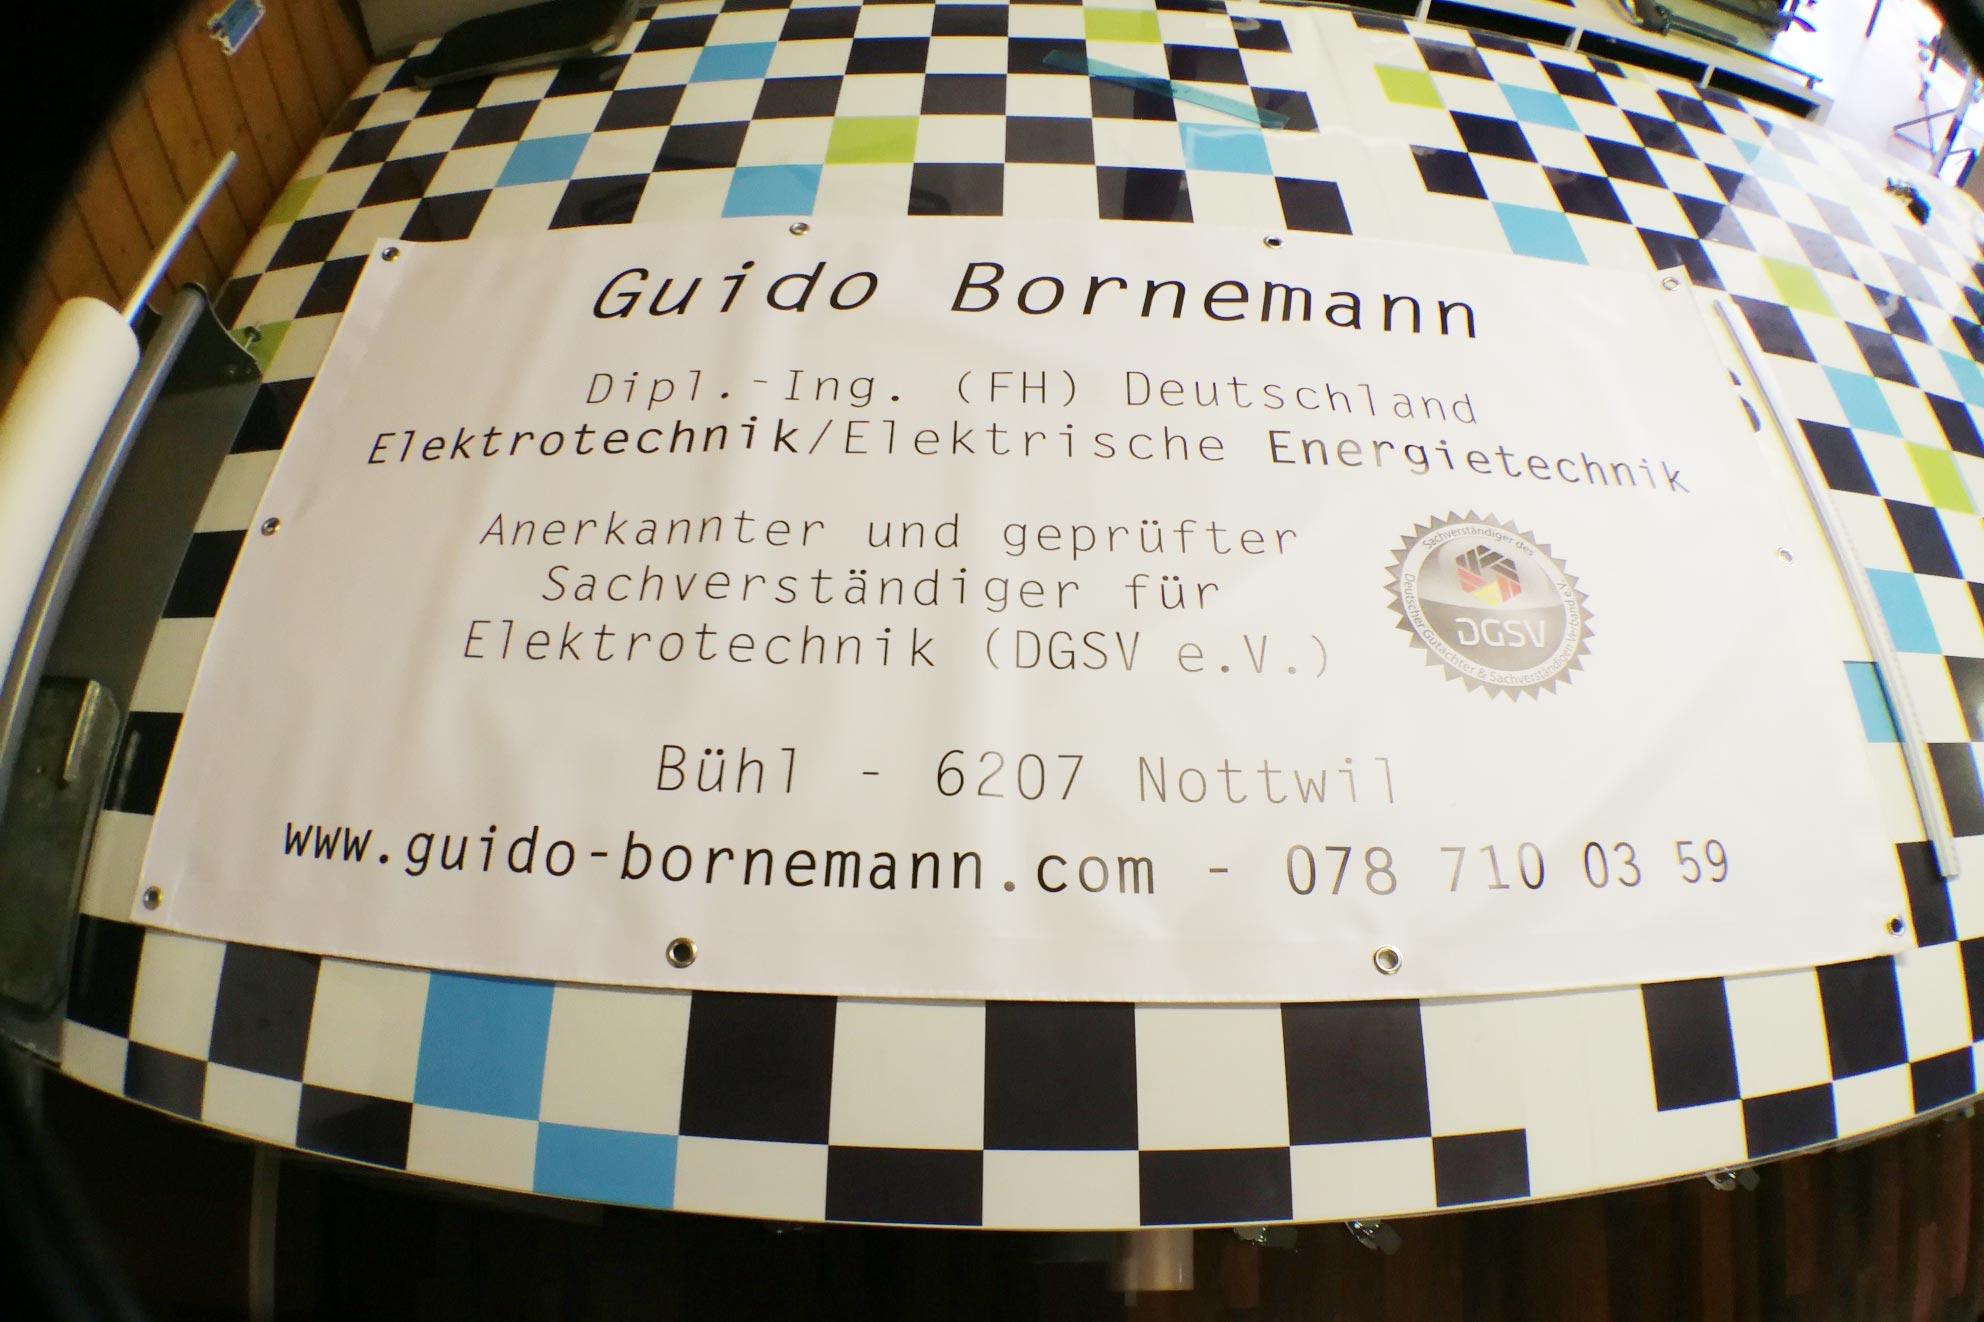 Bedruckter Werbebanner für Guido Bornemann